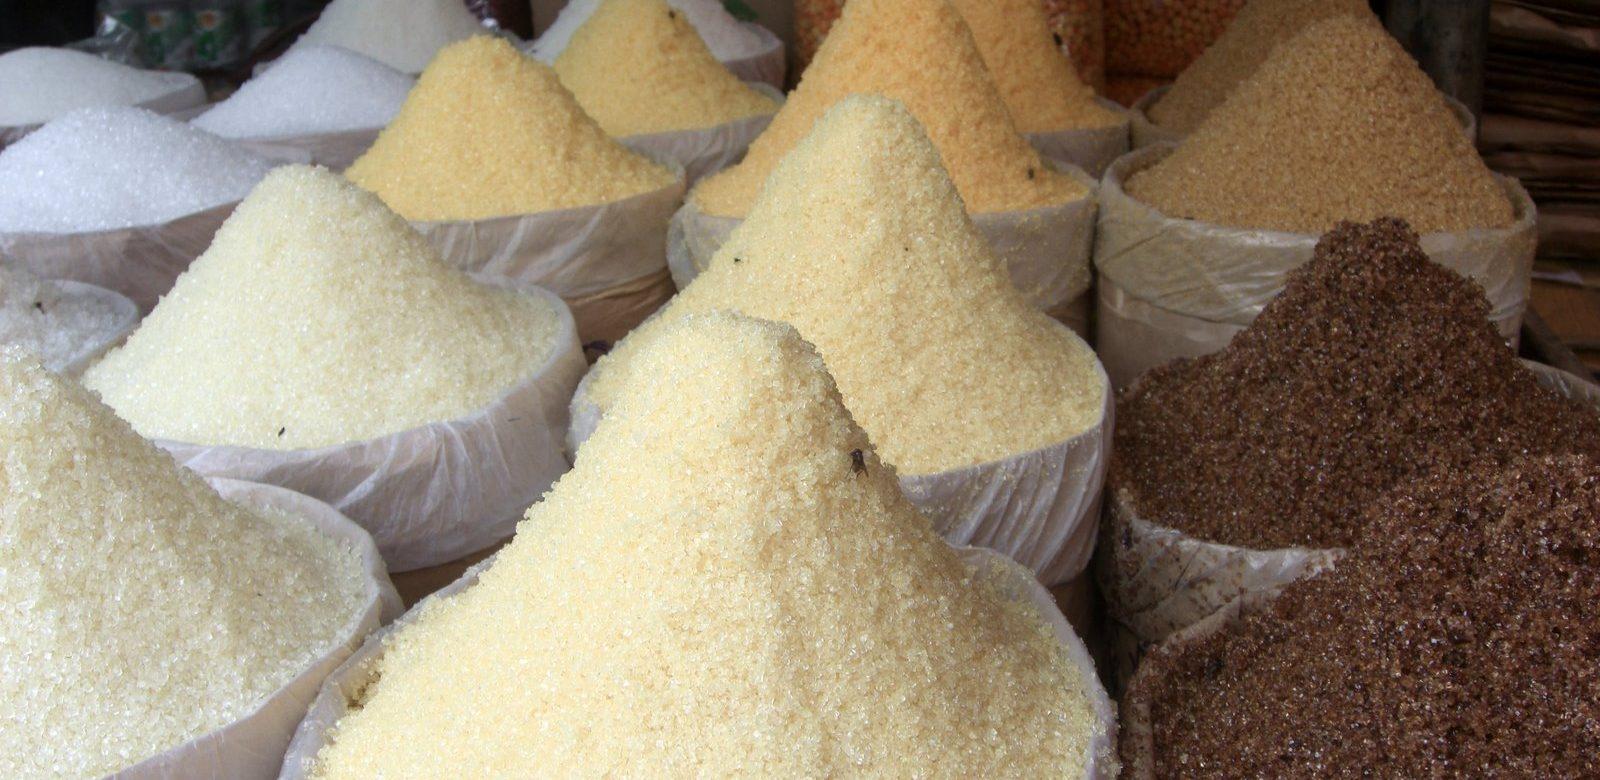 Egypte : Les importations de riz ont franchi en 2019, un niveau record